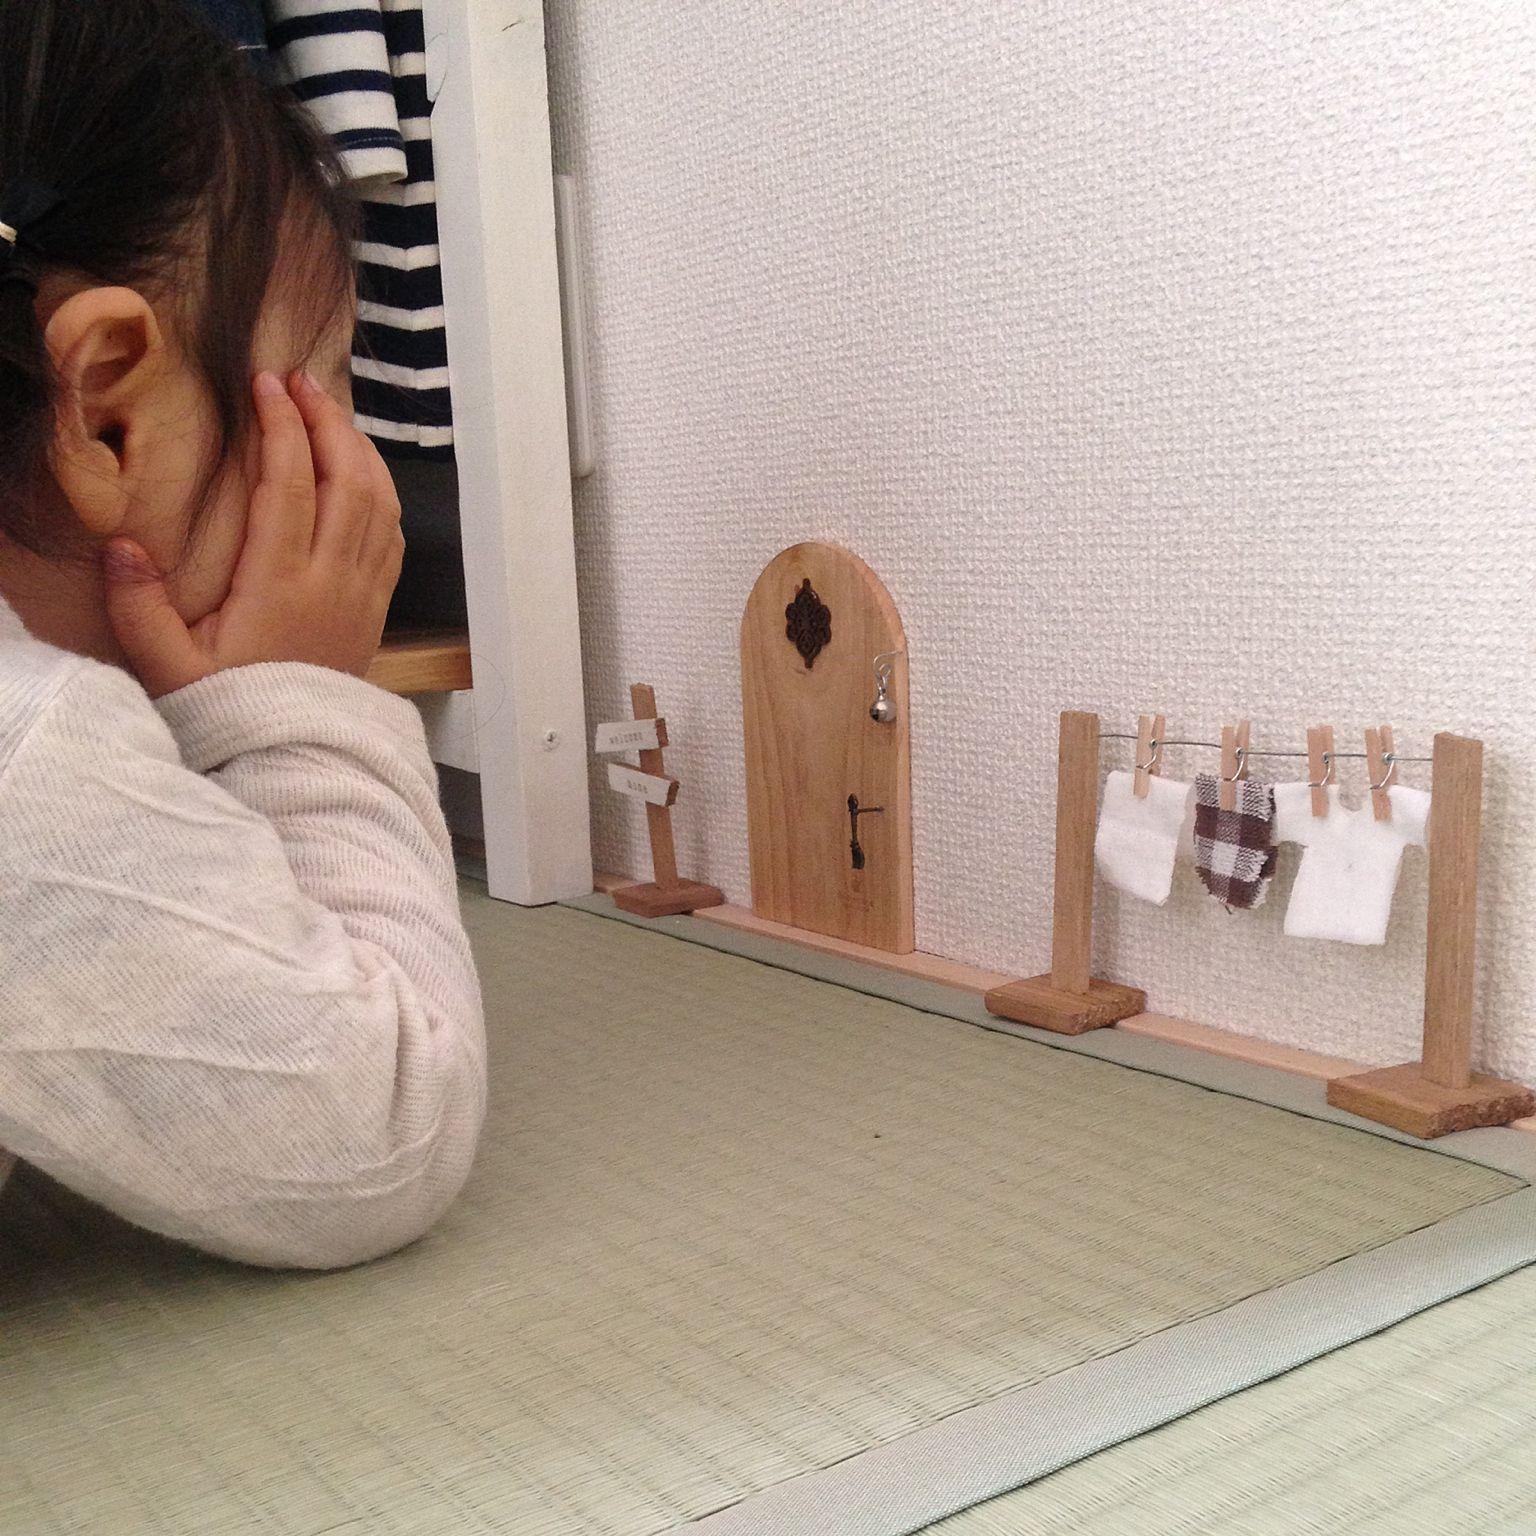 壁 天井 子供部屋 ナチュラル 和室 小人ドア などのインテリア実例